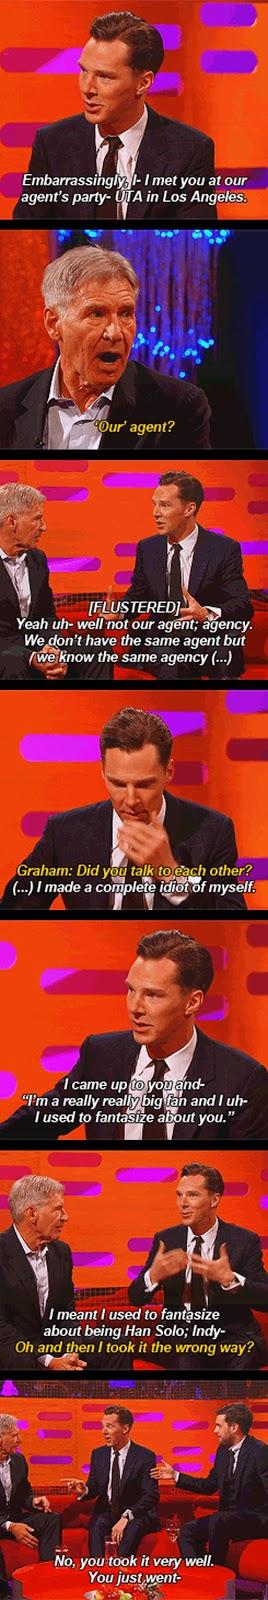 Benedict Cumberbatch met Harrison Ford